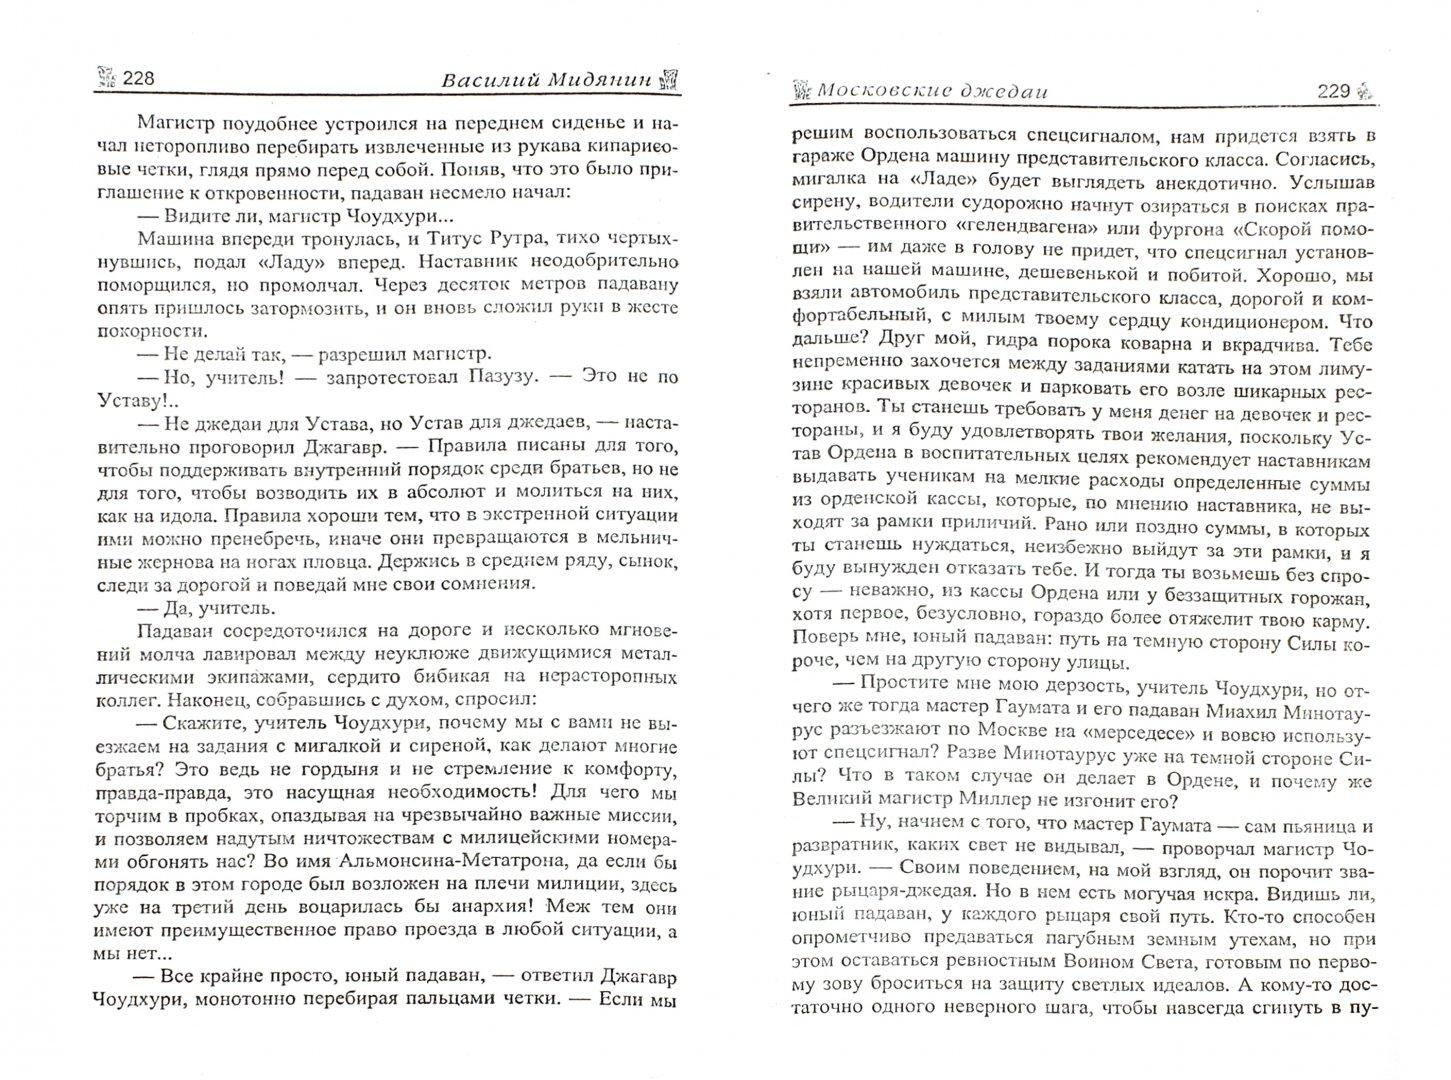 Иллюстрация 1 из 15 для Мифы мегаполиса - Лукьяненко, Овчинников | Лабиринт - книги. Источник: Лабиринт